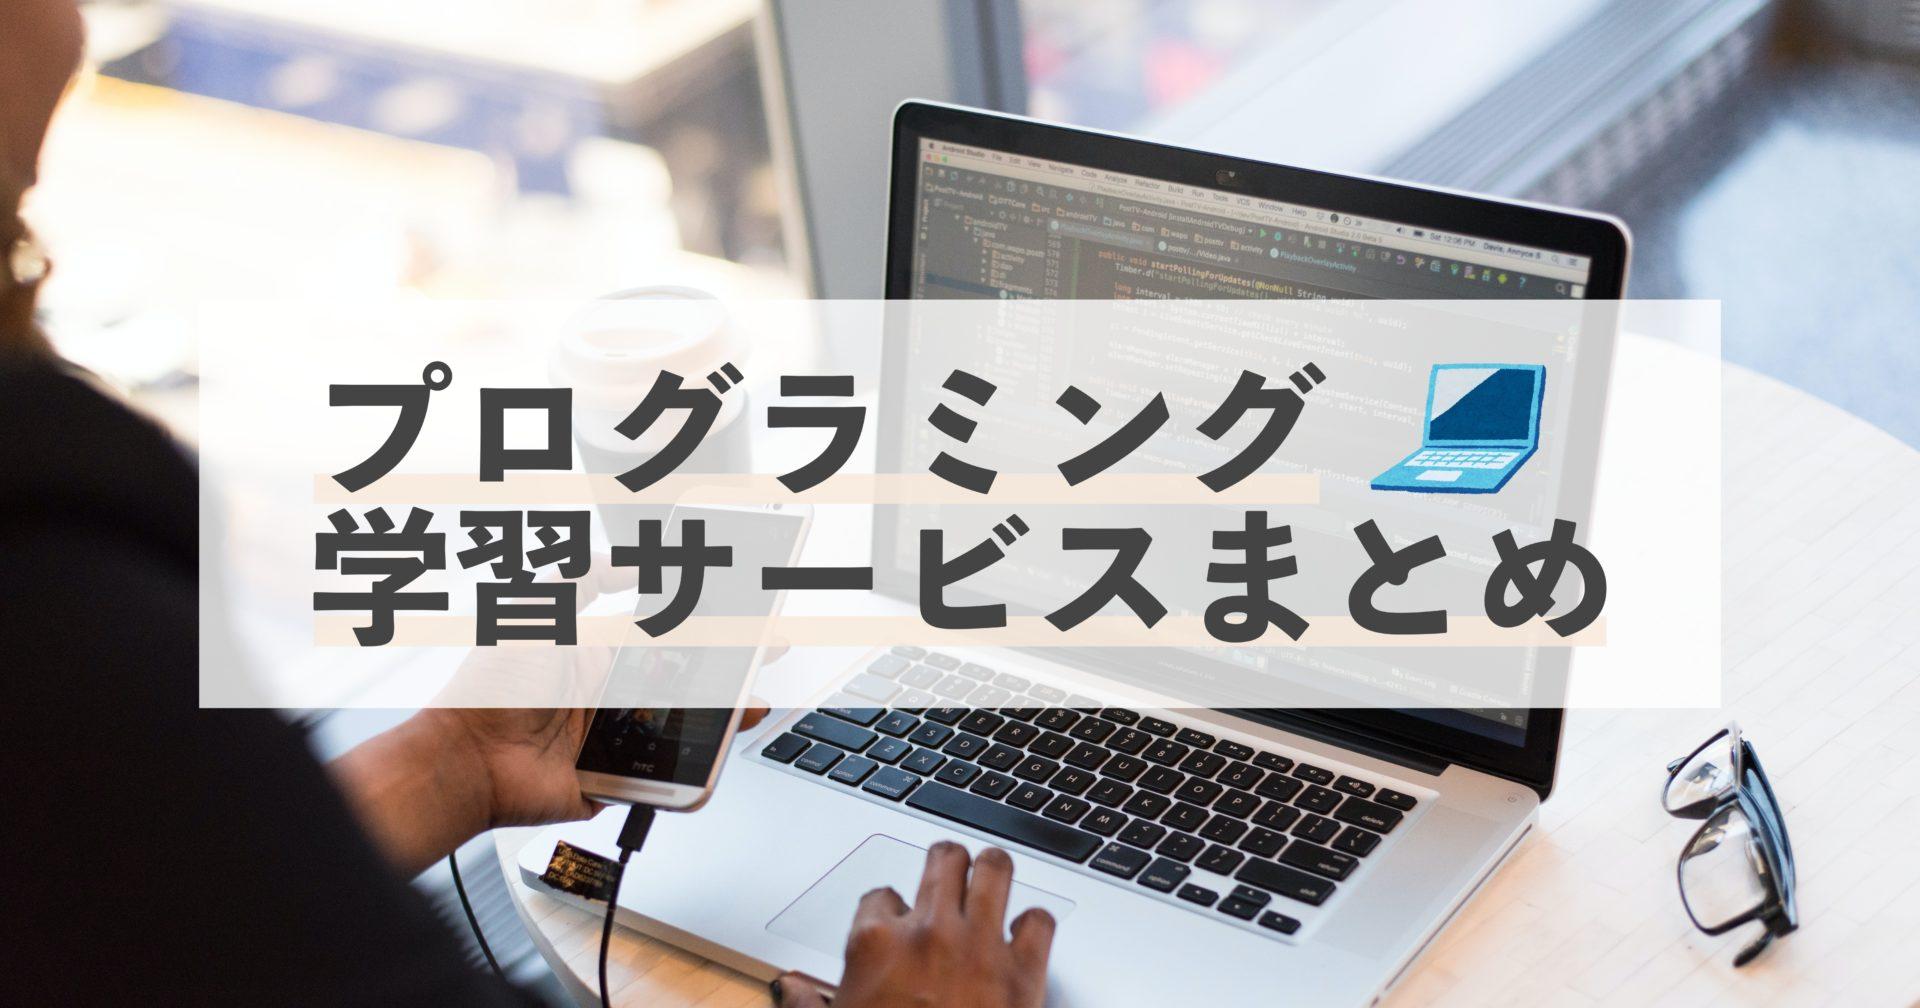 プログラミング学習サービス